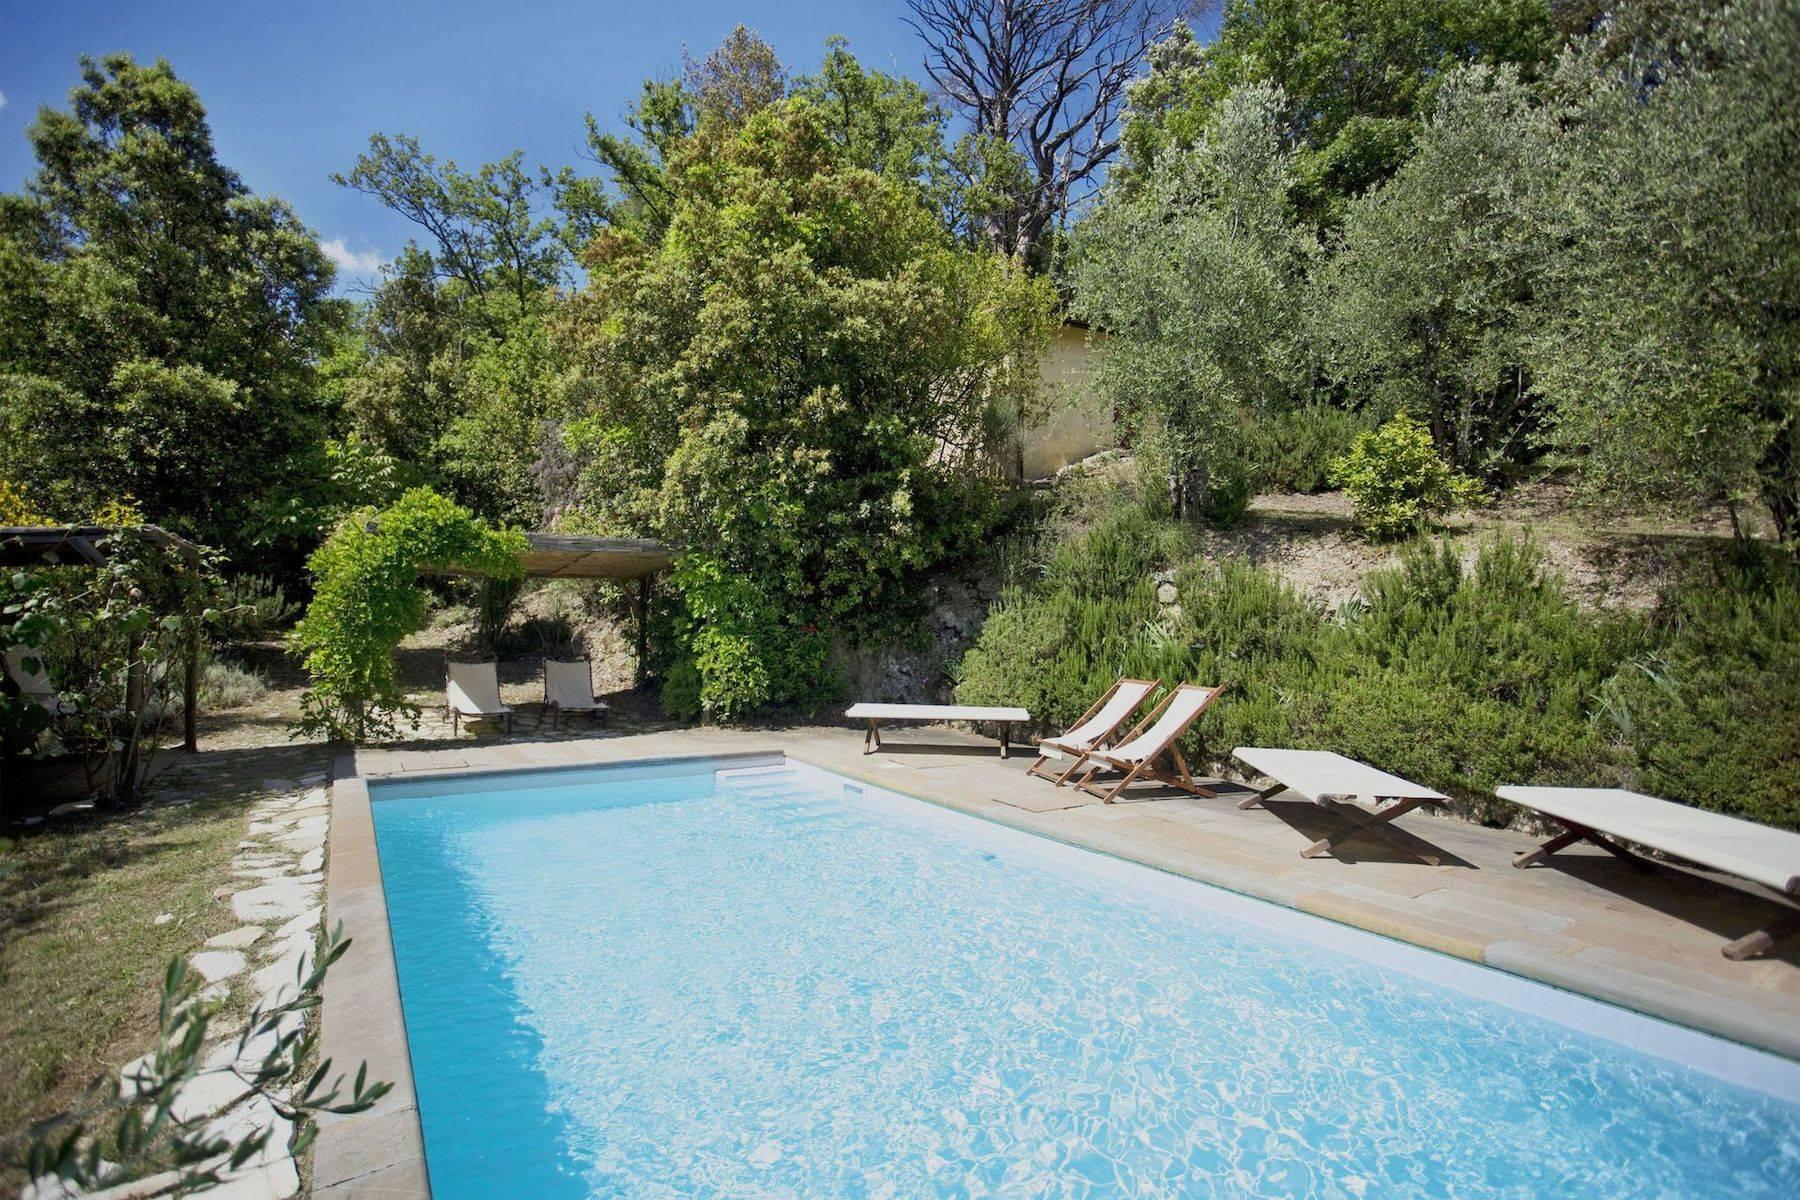 Villa in Vendita a Rignano Sull'Arno: 5 locali, 550 mq - Foto 26